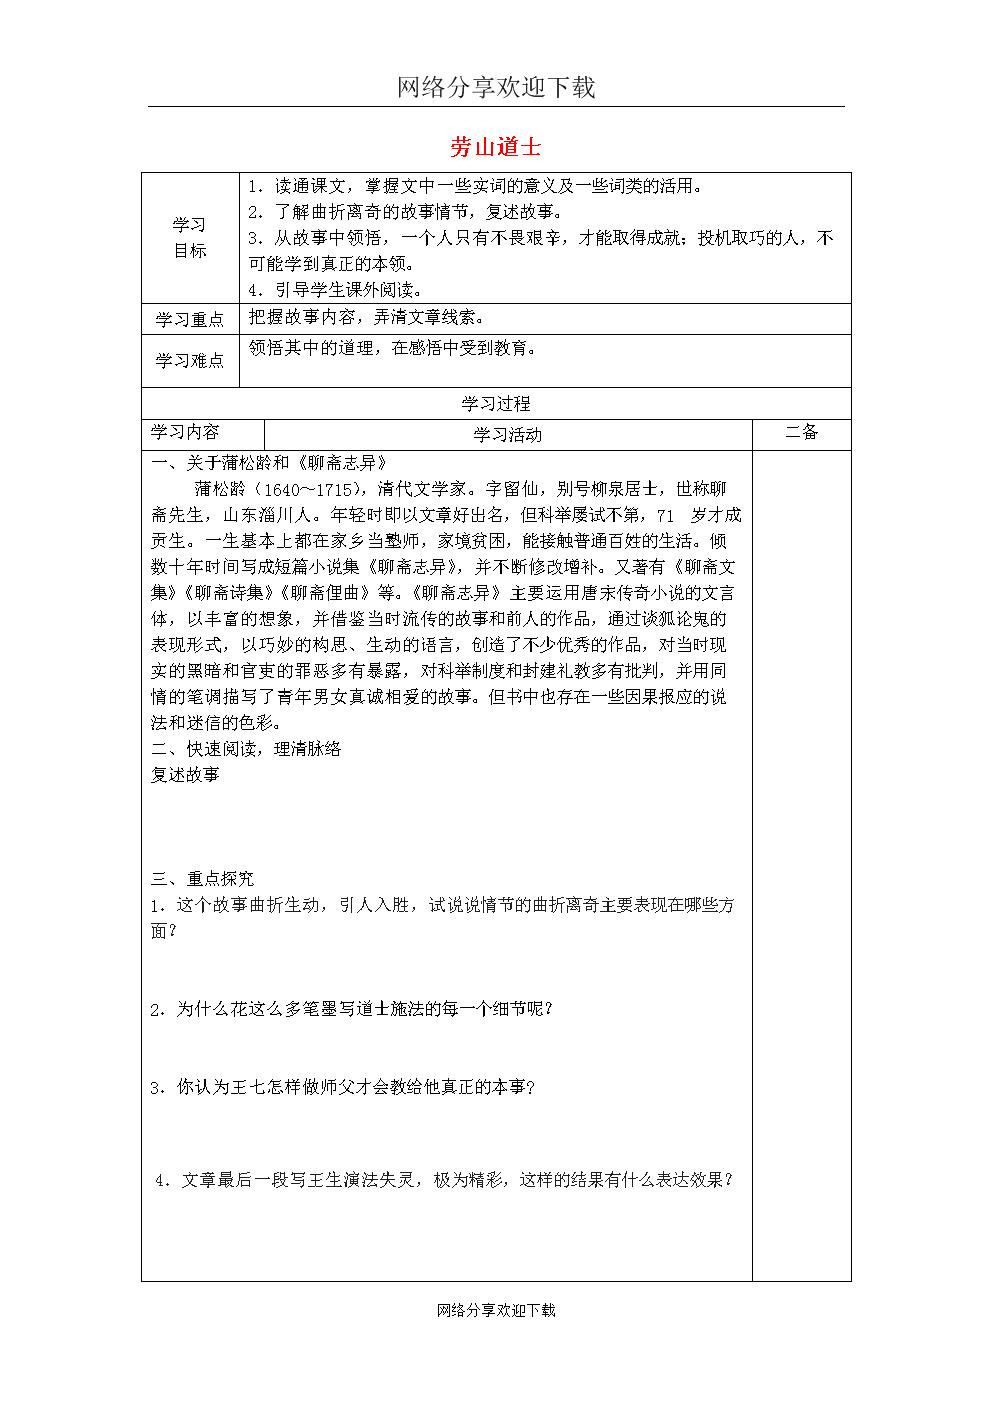 上海五四制语文九年级上册《24劳山道士》教案 (1).doc